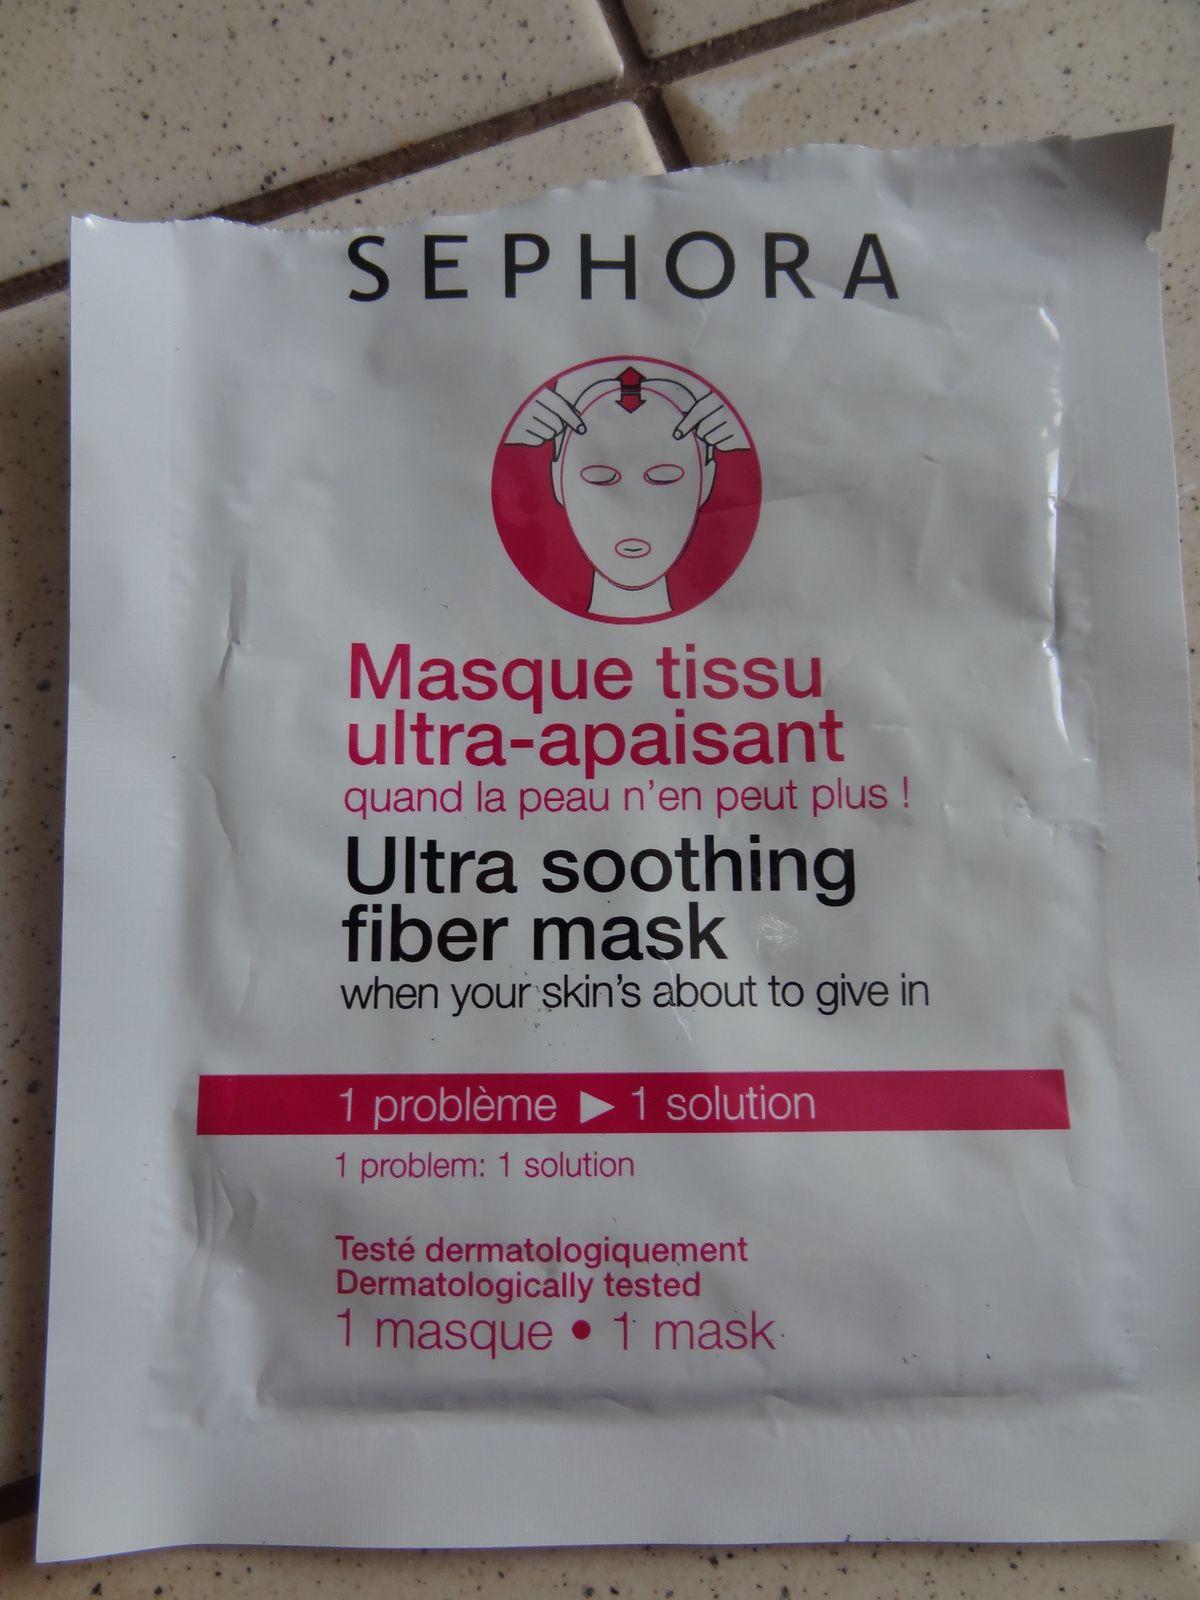 Masque tissu ultra-apaisant Sephora